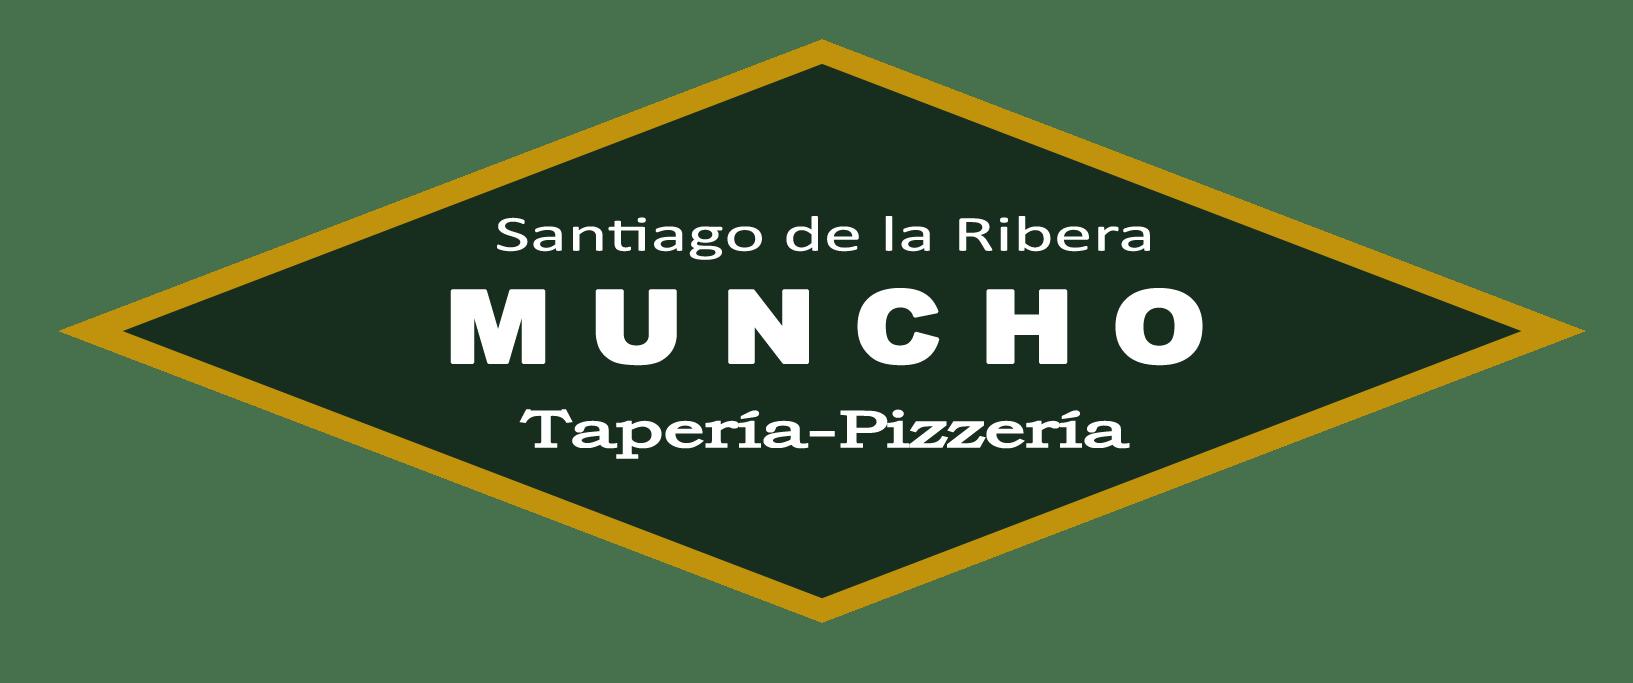 Muncho Taperia